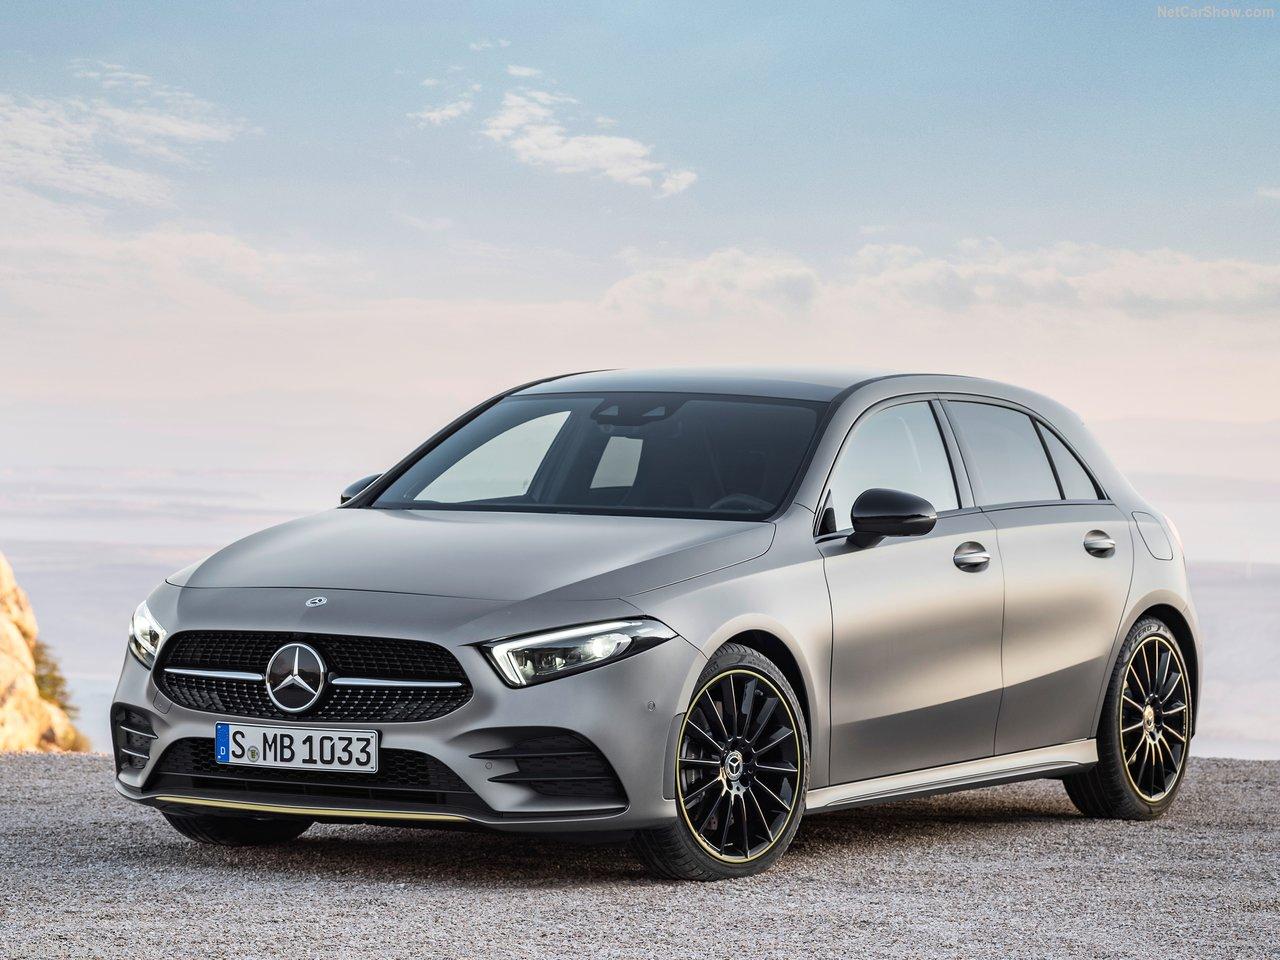 Mercedes-Benz-A-Class-2019-1280-02_20180911160557bdf.jpg